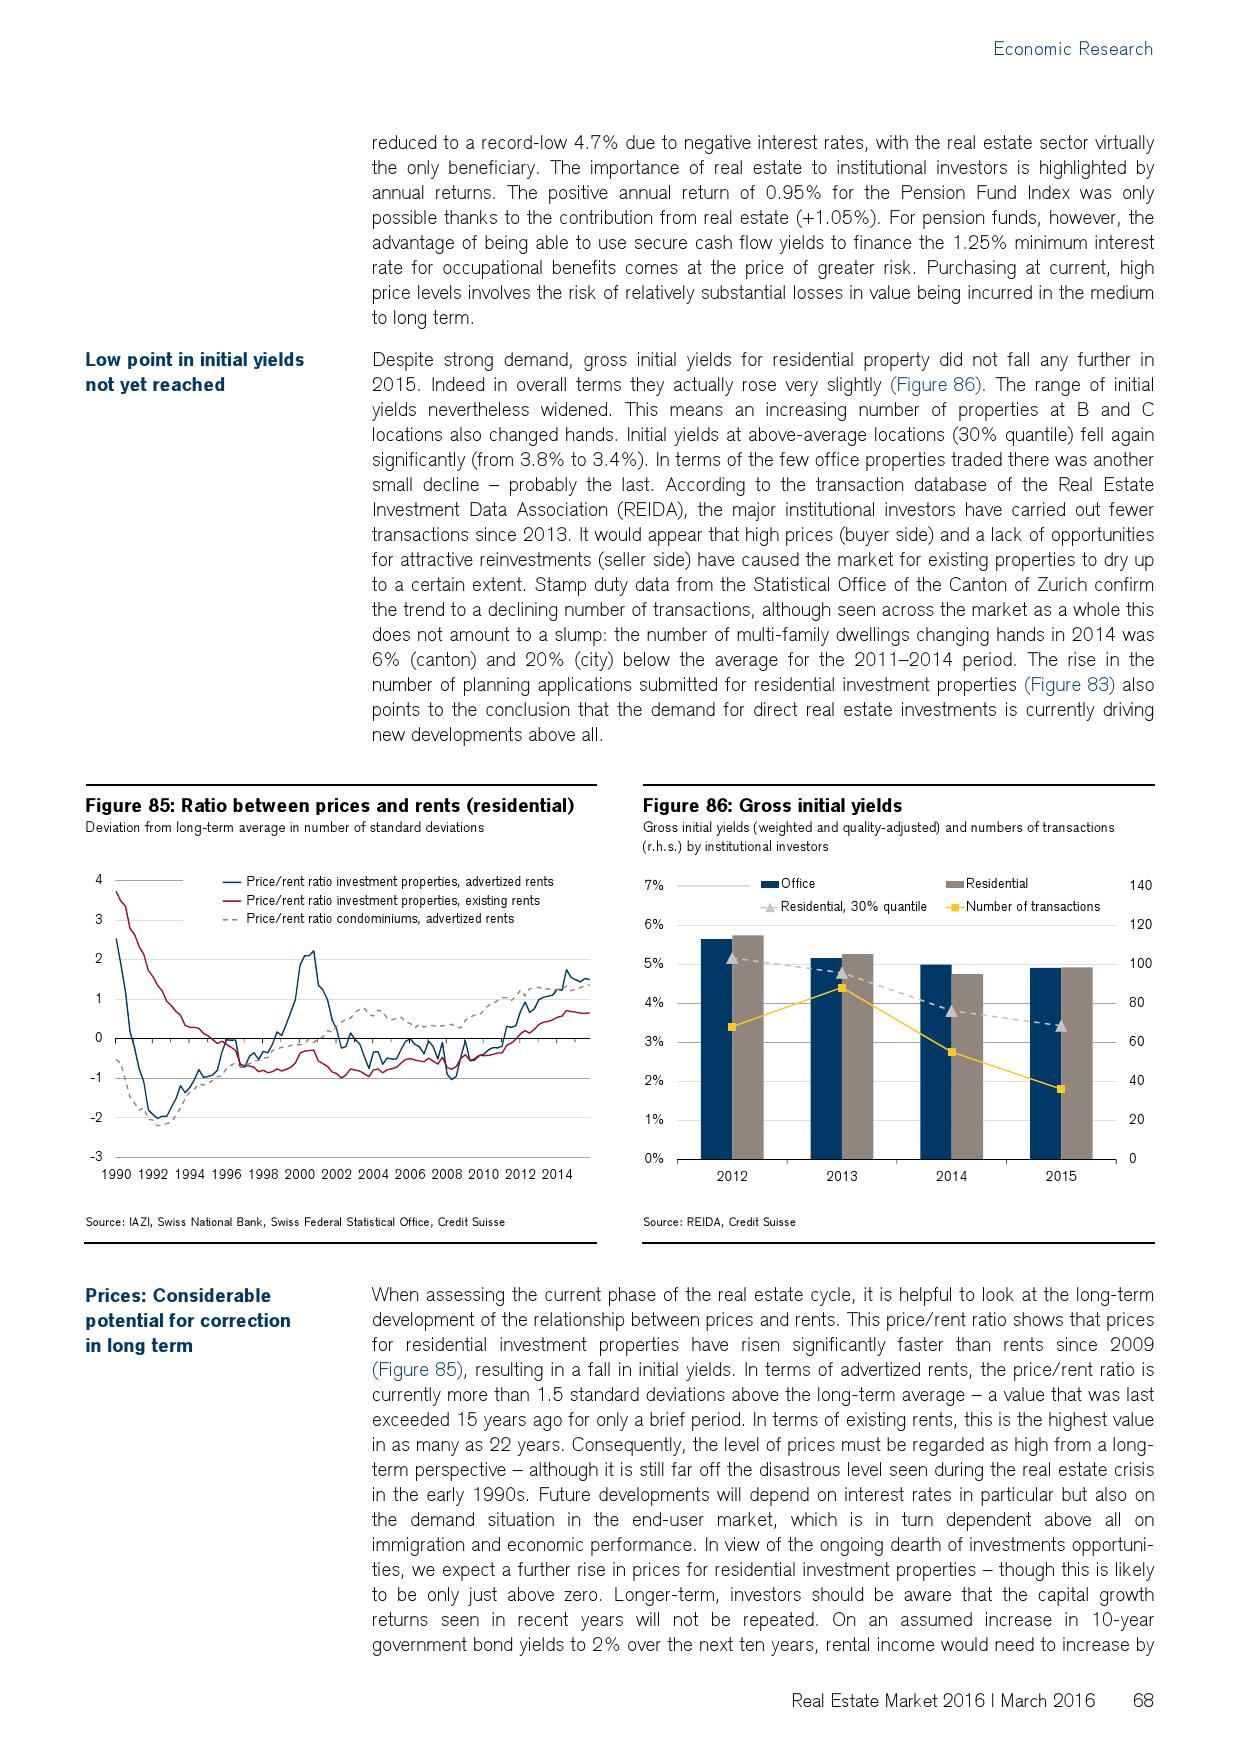 2016年瑞士房地产市场研究报告_000068